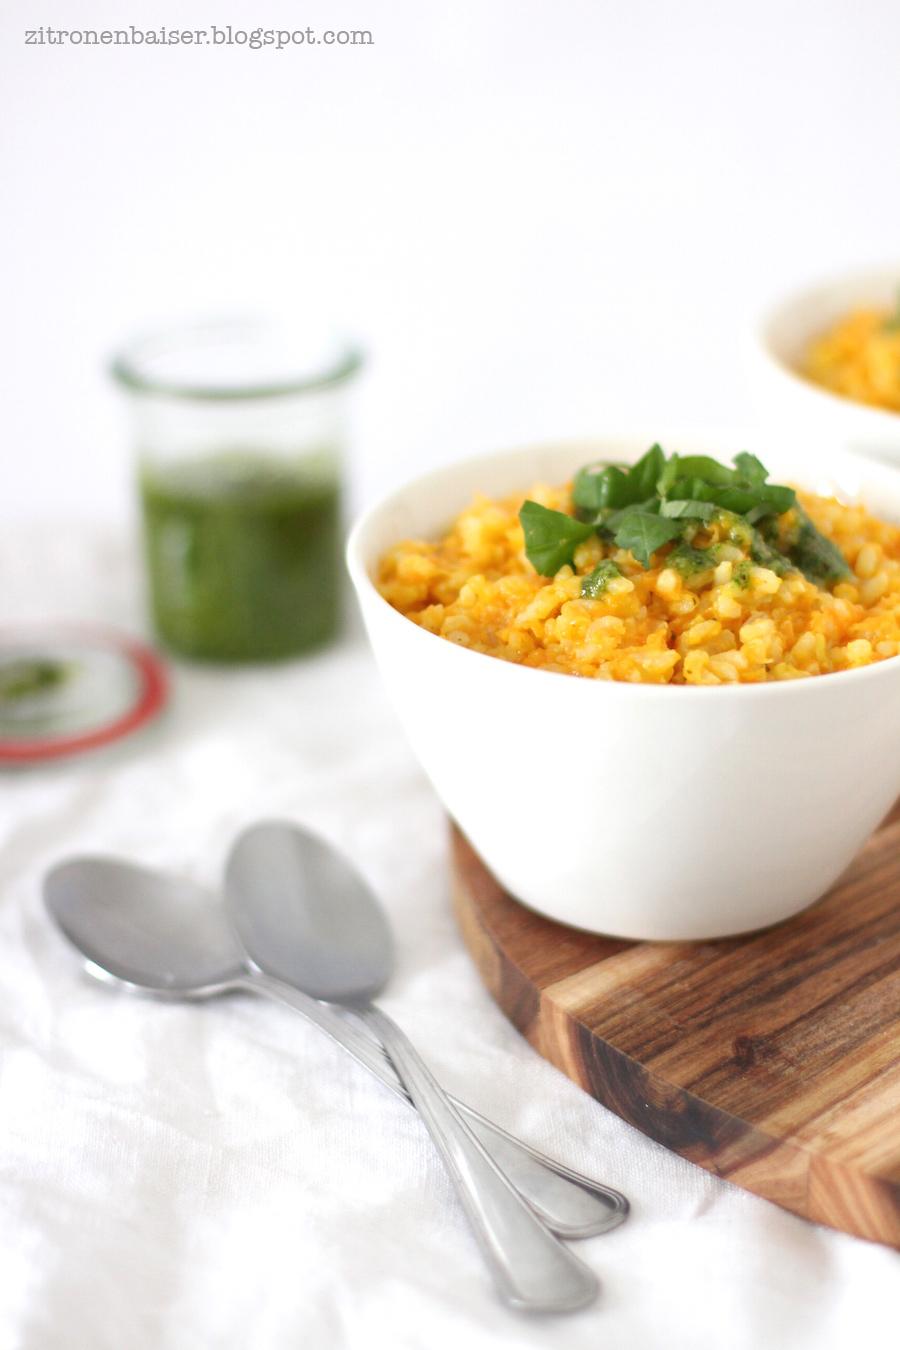 Rezept Möhren Risotto mit Bärlauch-Pesto Zitronenbaiser Blog